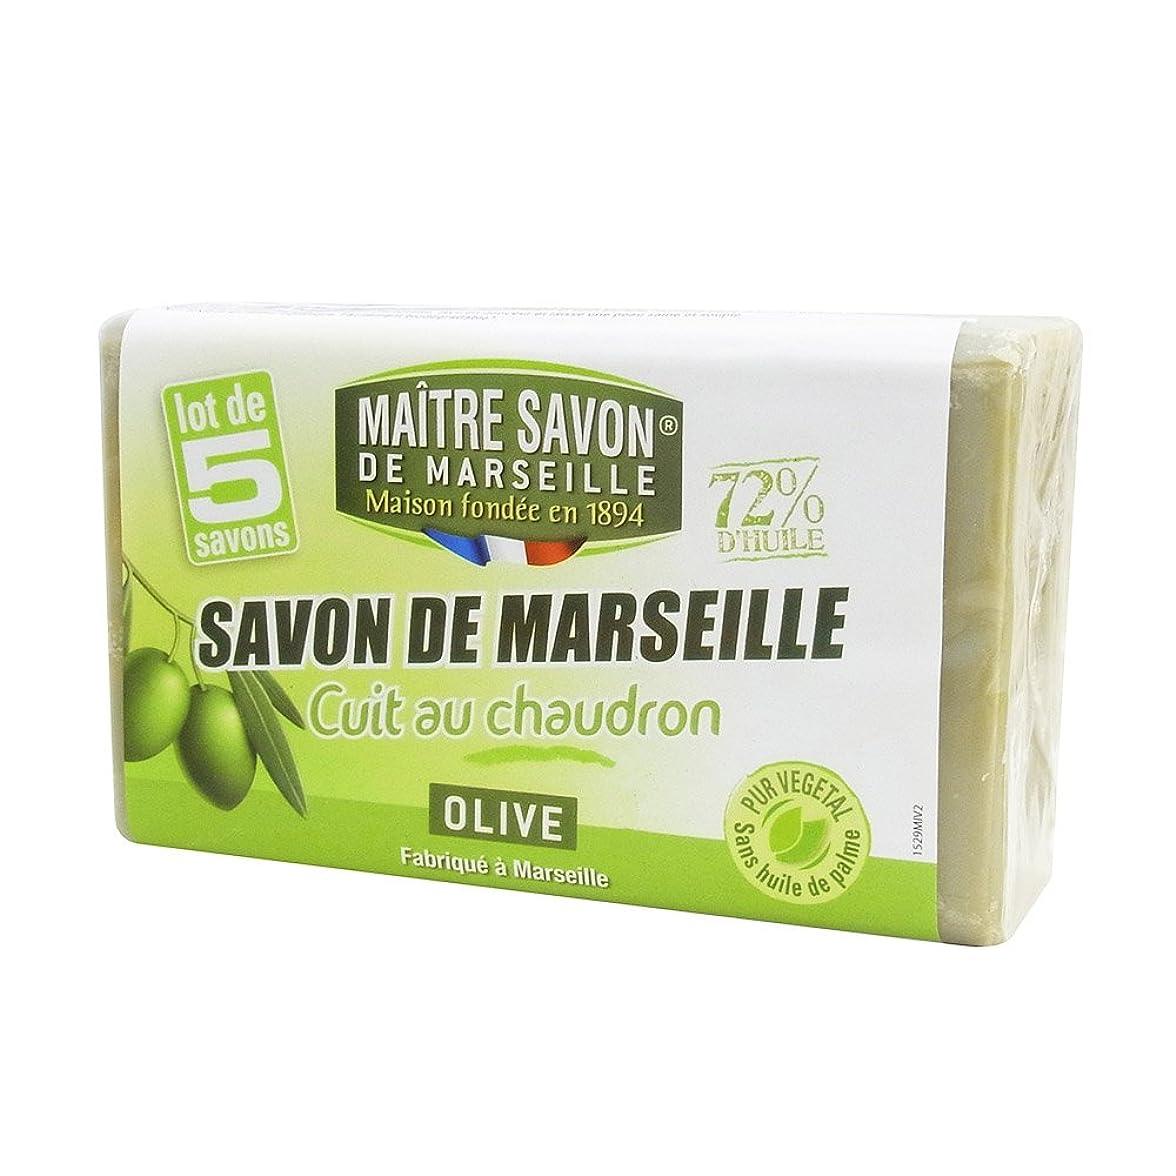 盲目習熟度迷信Maitre Savon de Marseille(メートル?サボン?ド?マルセイユ) サボン?ド?マルセイユ オリーブ 100g×5個